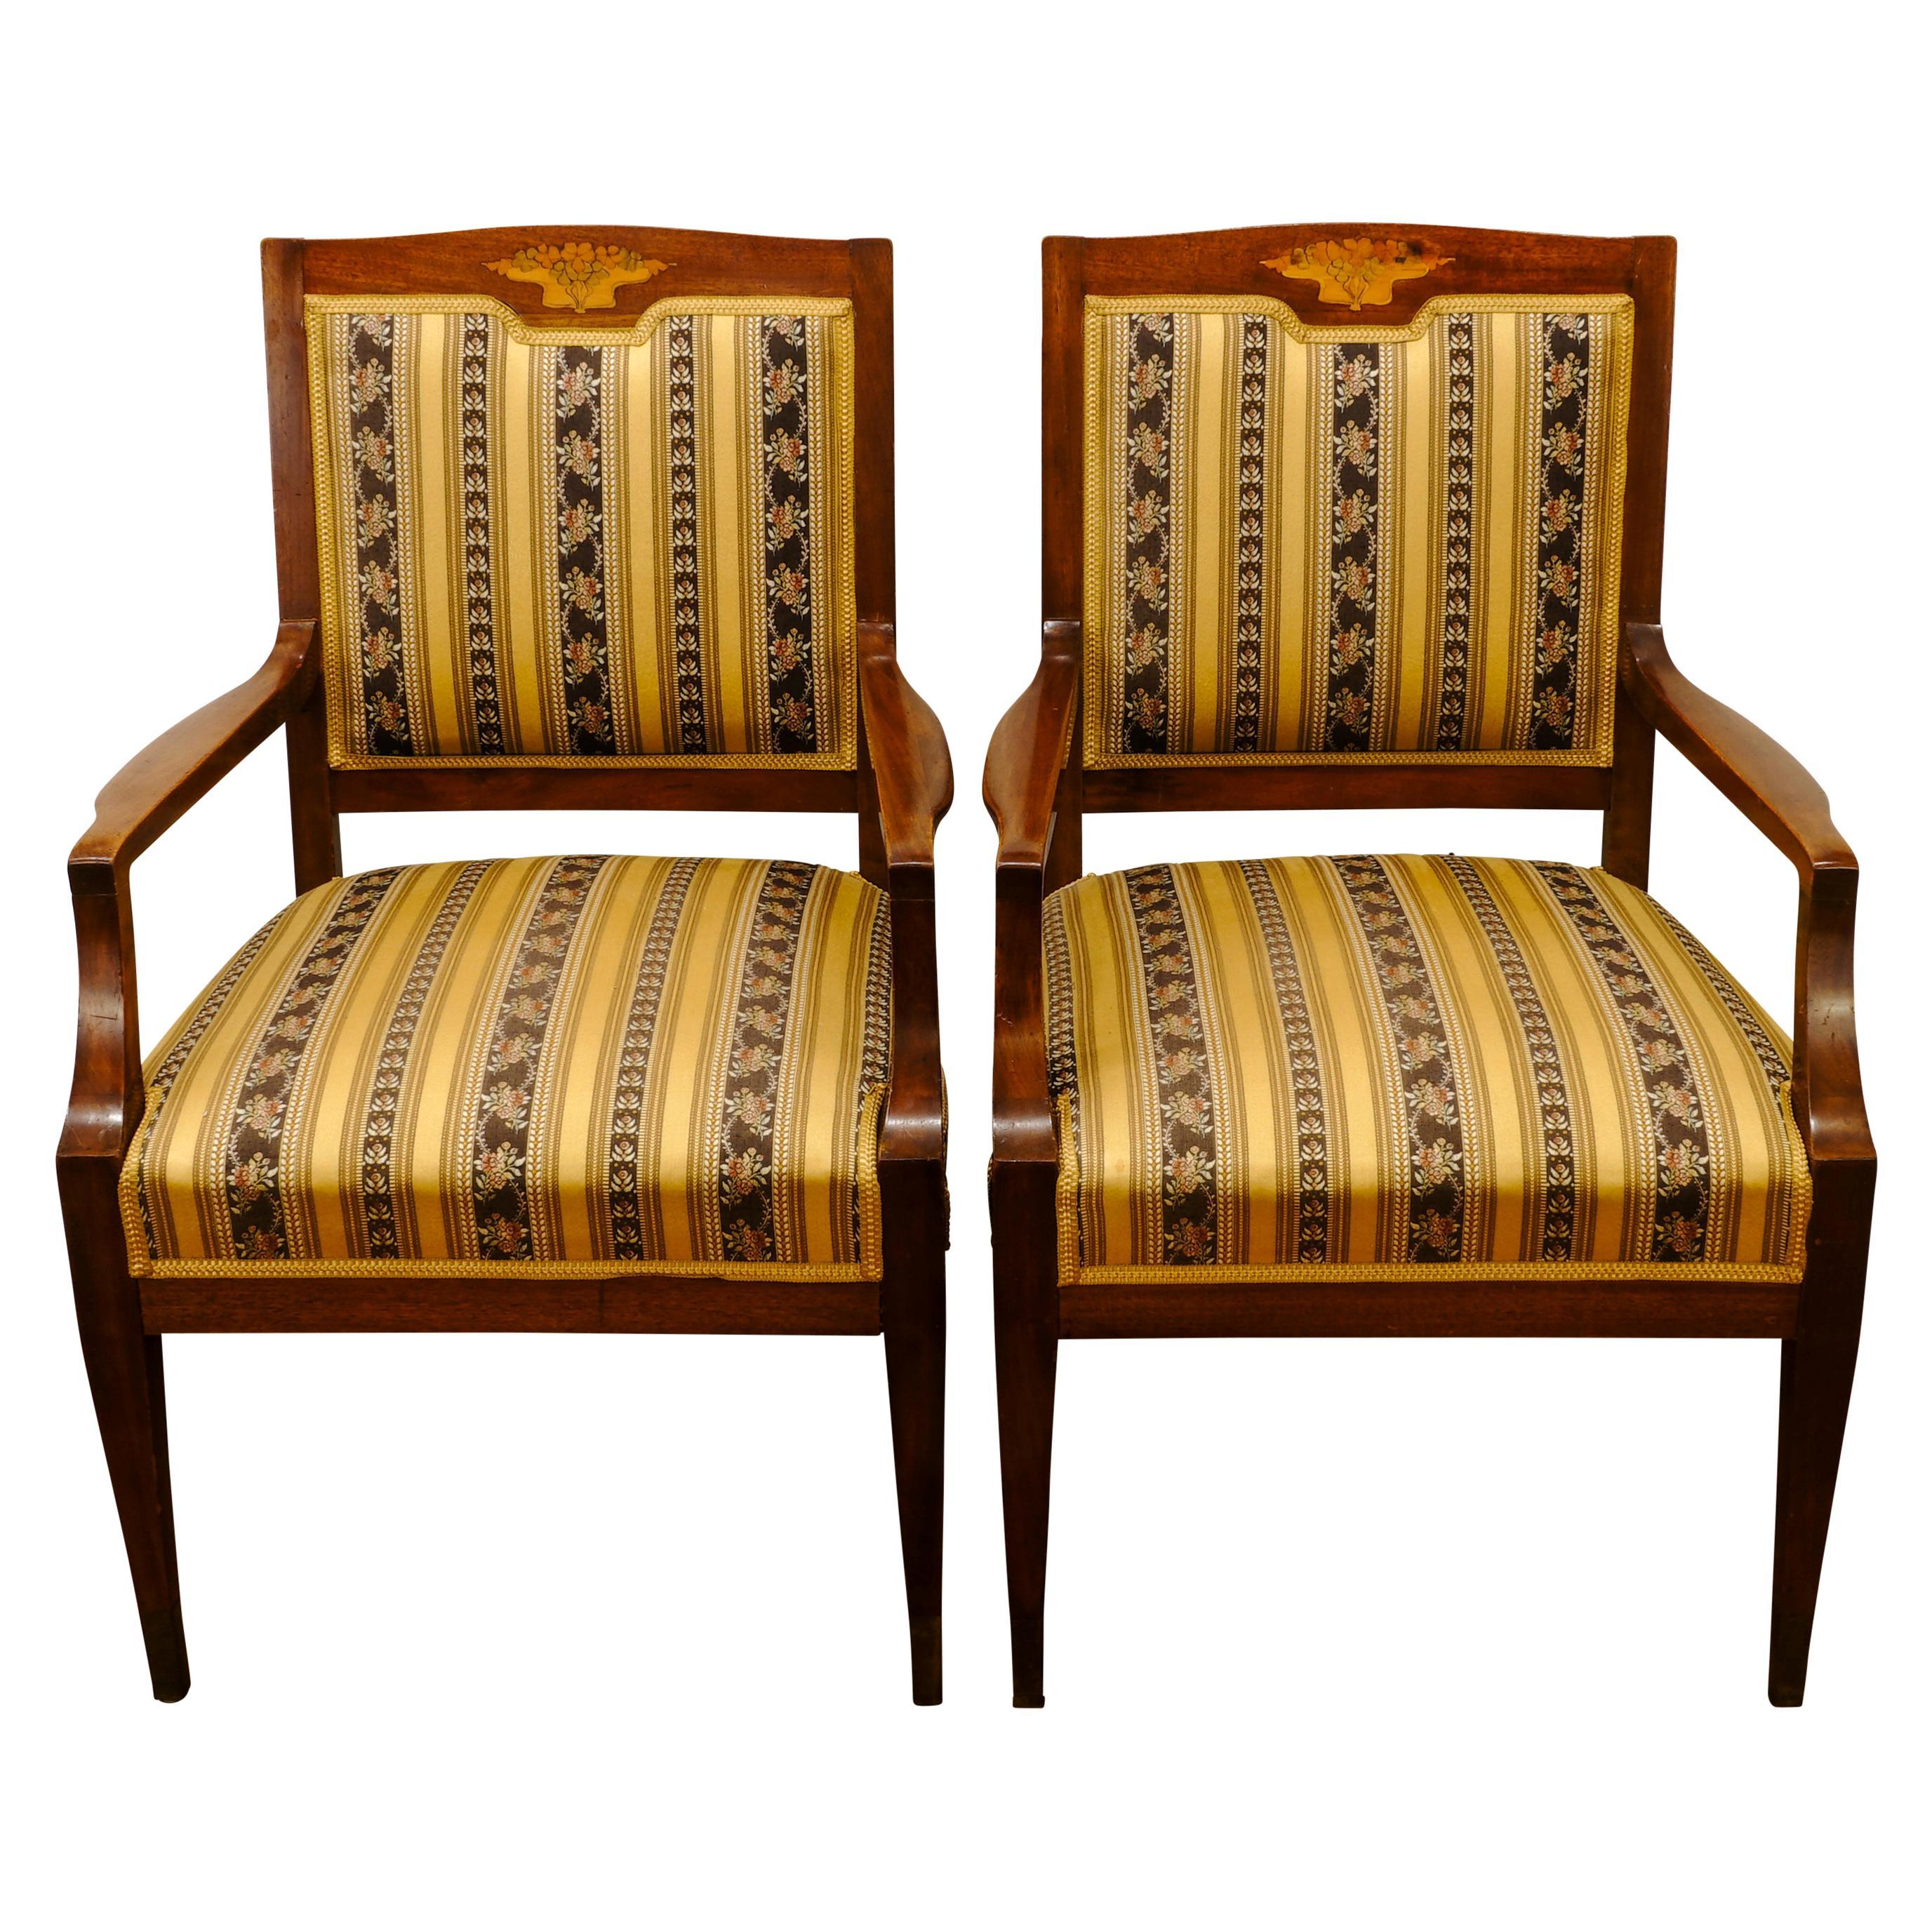 Chaise Style Art Nouveau two italian art nouveau carved teak armchairs